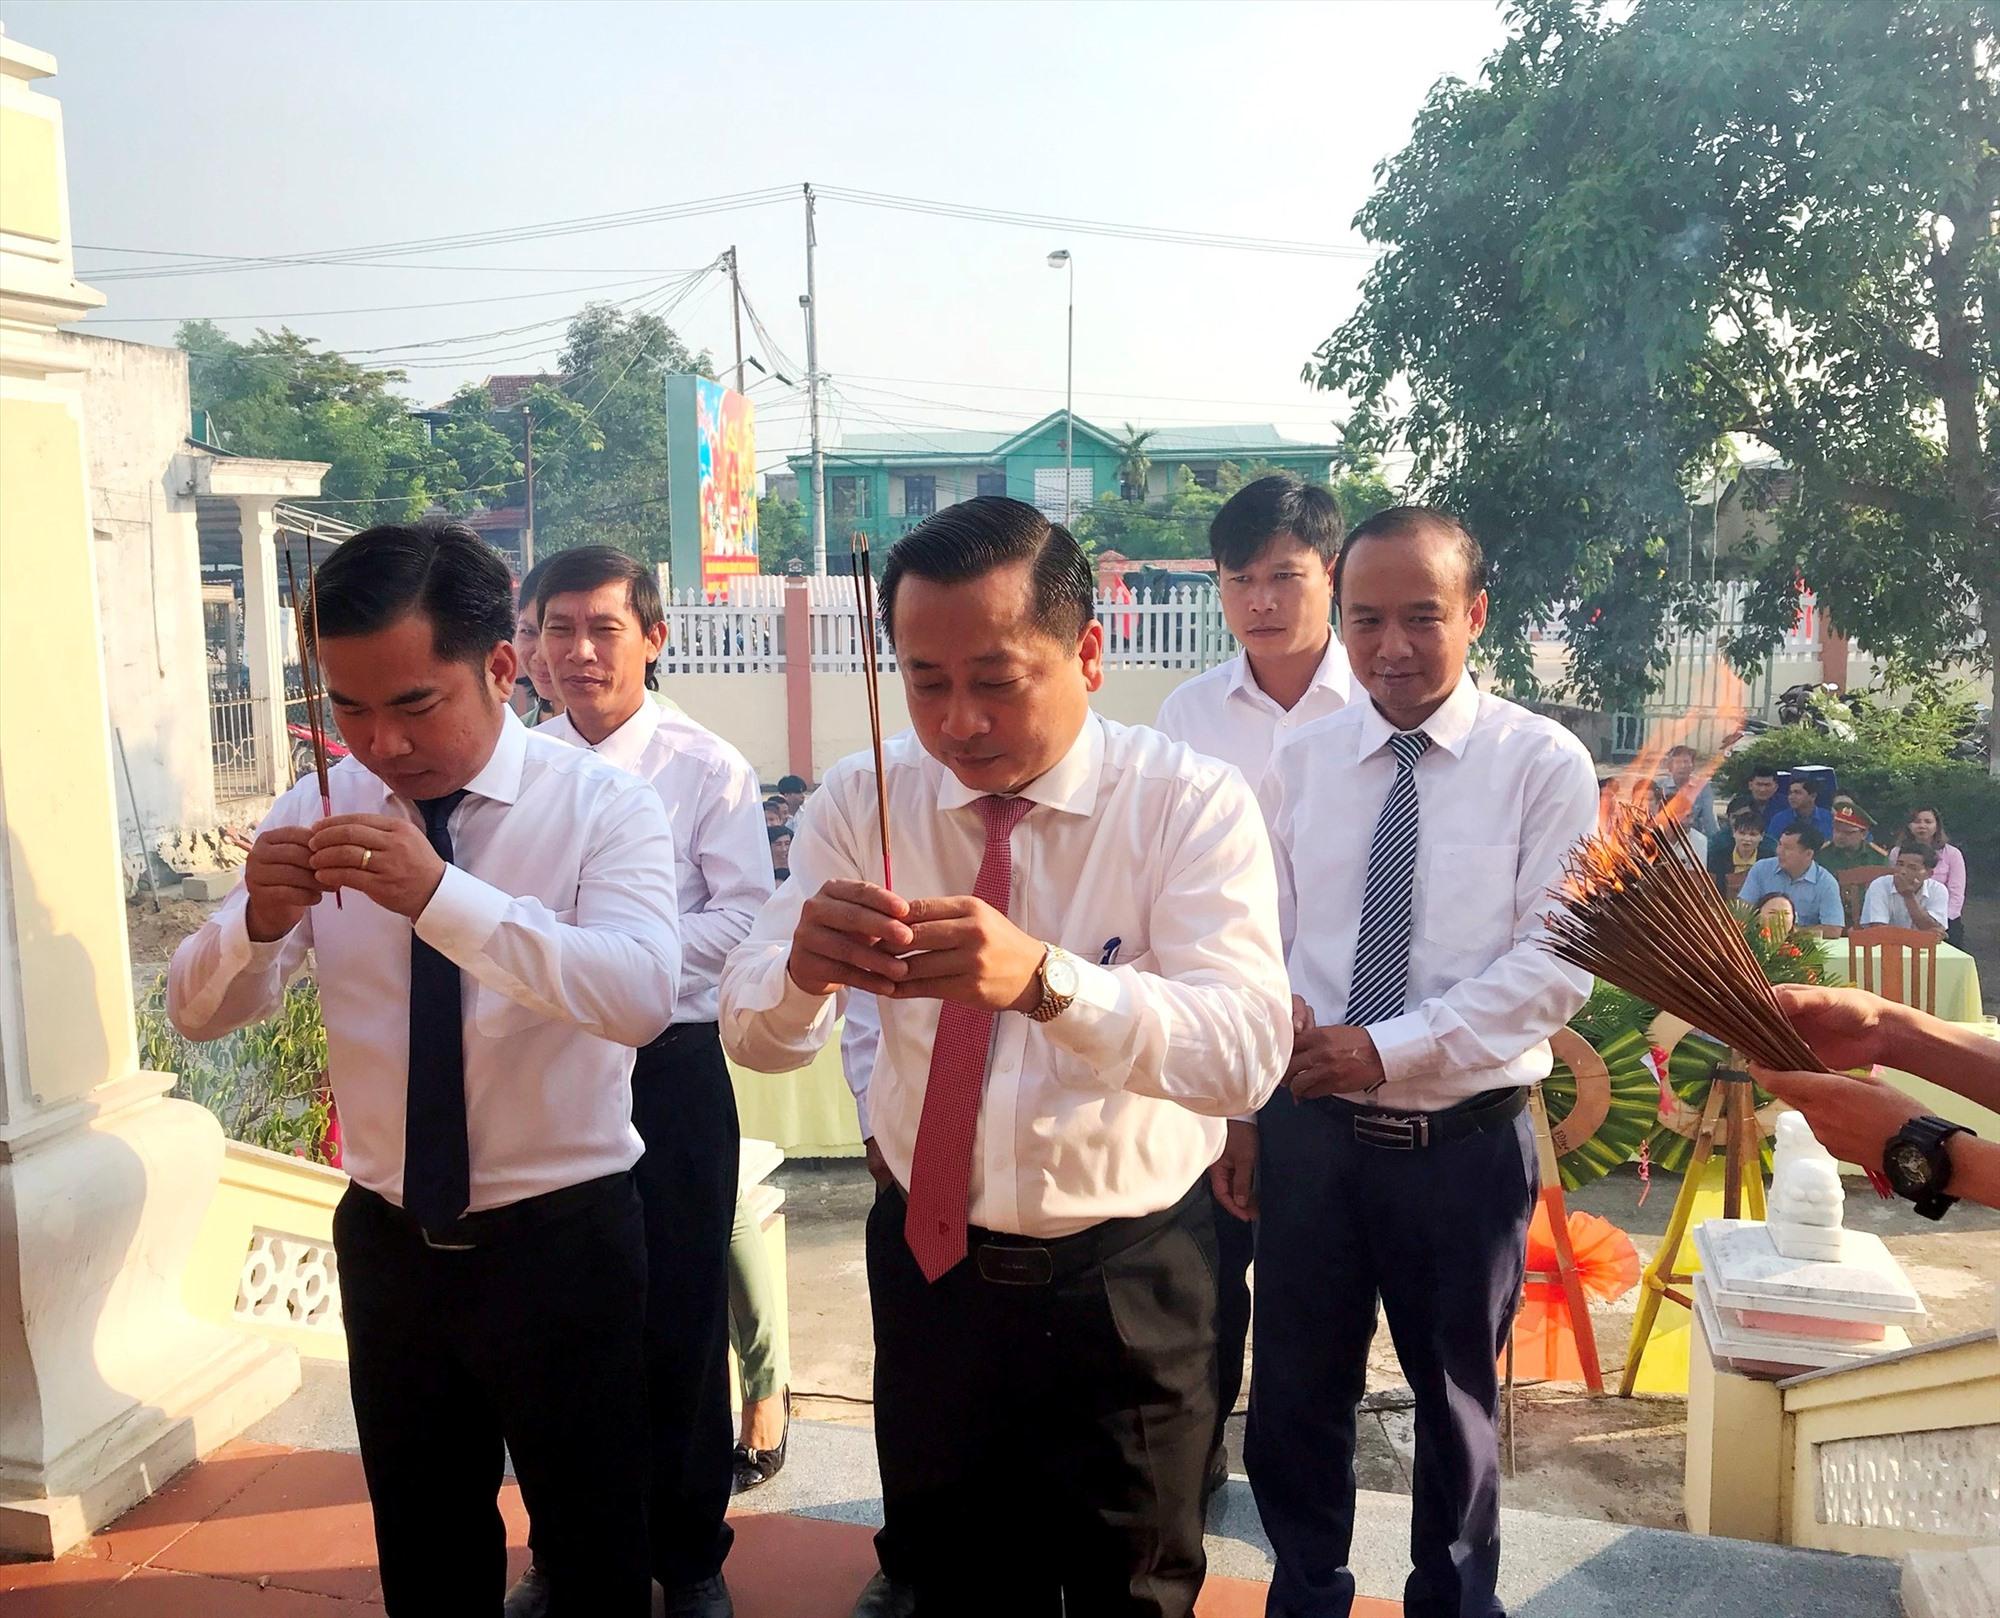 Lãnh đạo huyện Đại Lộc viếng hương mộ cụ Đỗ Đăng Tuyển. Ảnh: XT